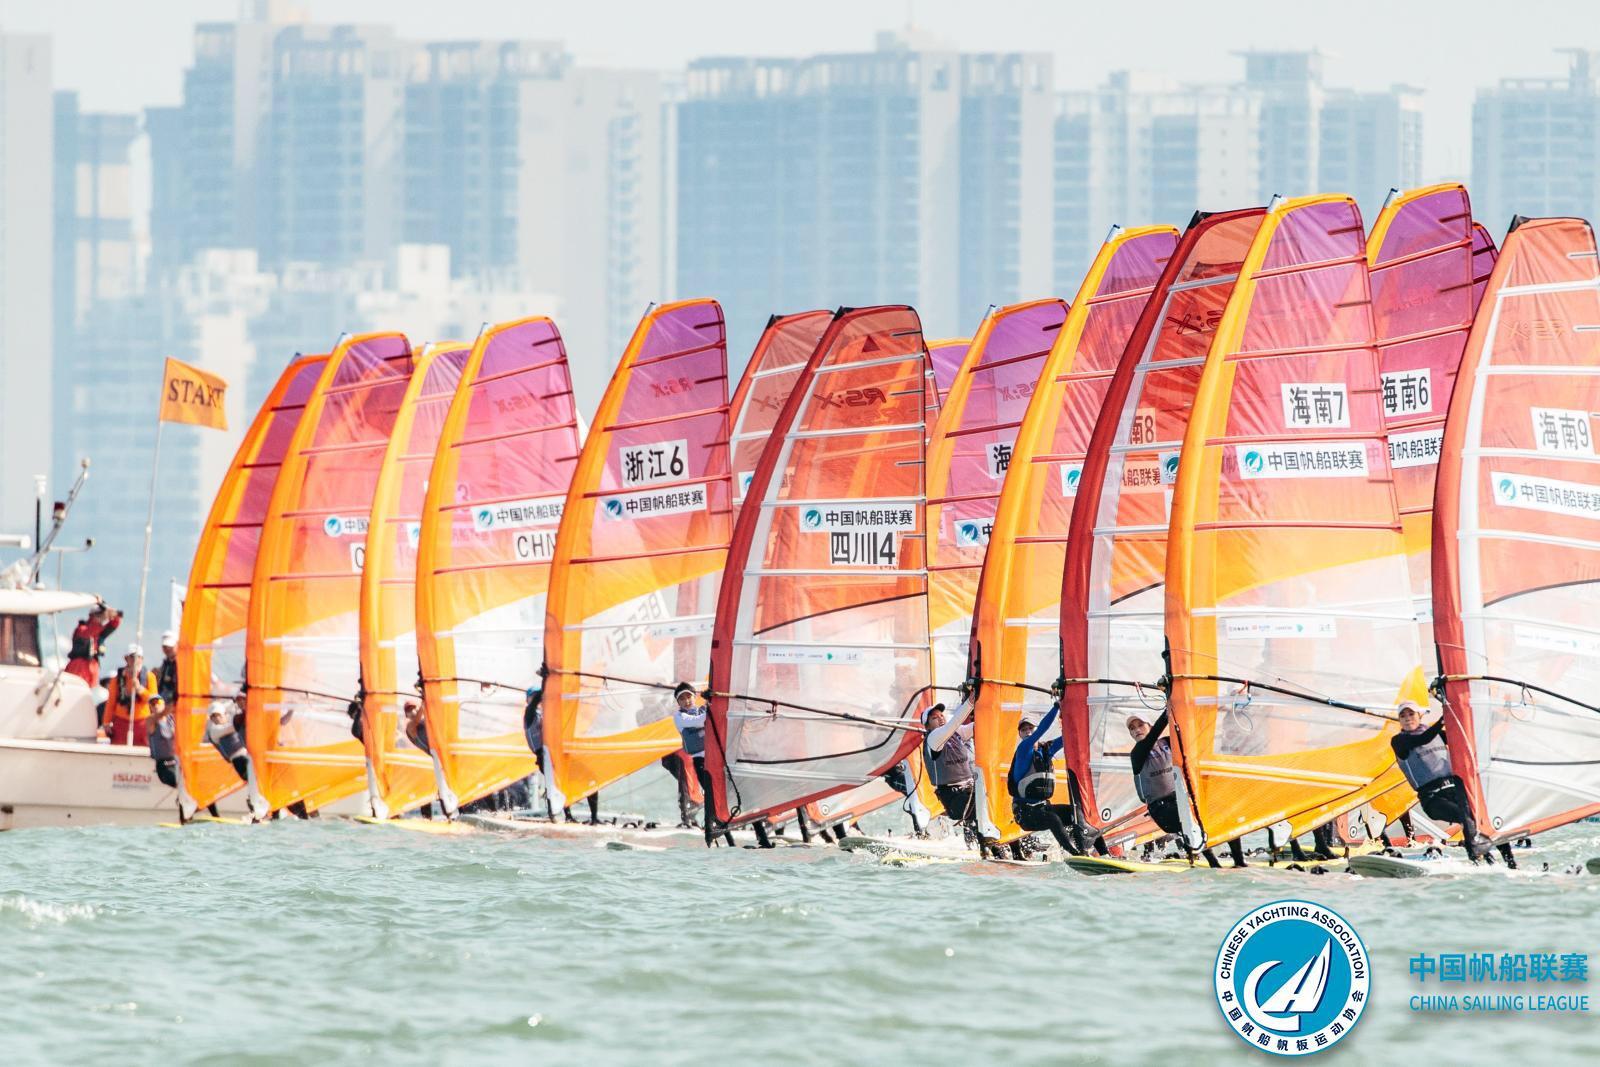 中国帆船联赛海口总决赛激烈开赛,冬训大练兵全面检验实力